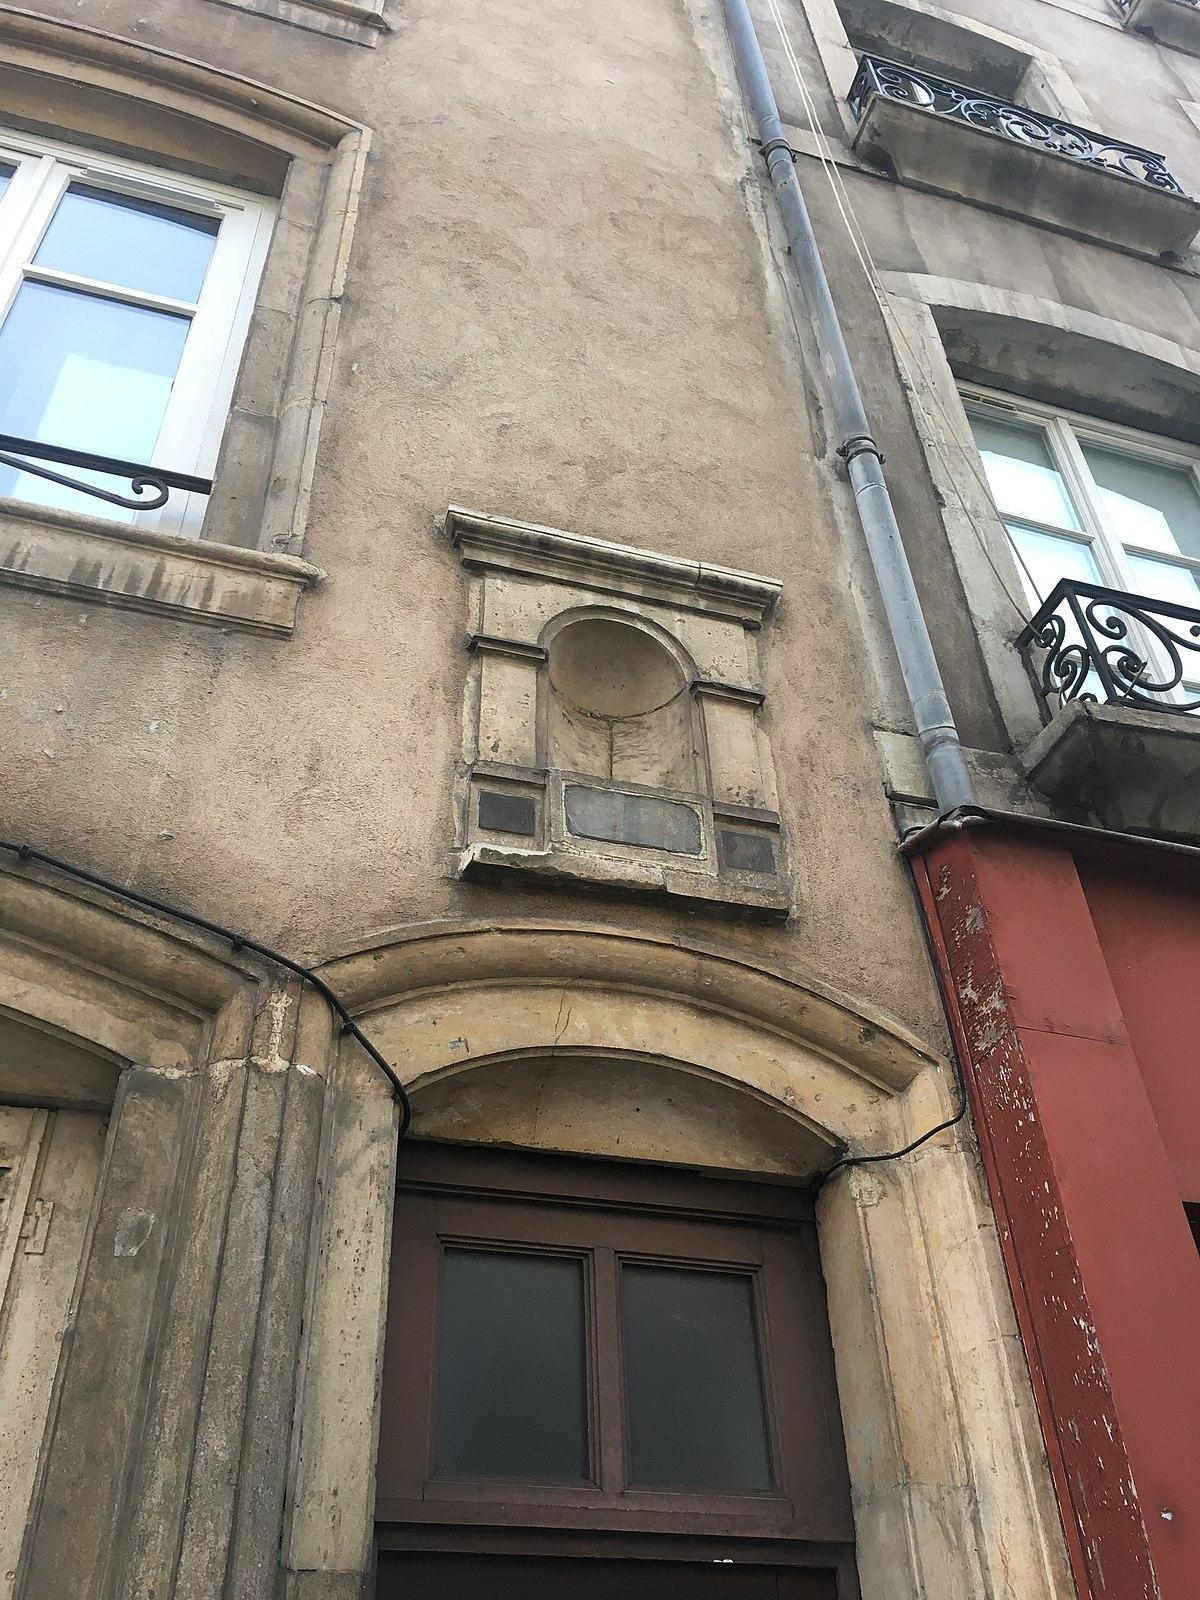 Rue saint julien nancy wikip dia for Rue catherine opalinska nancy